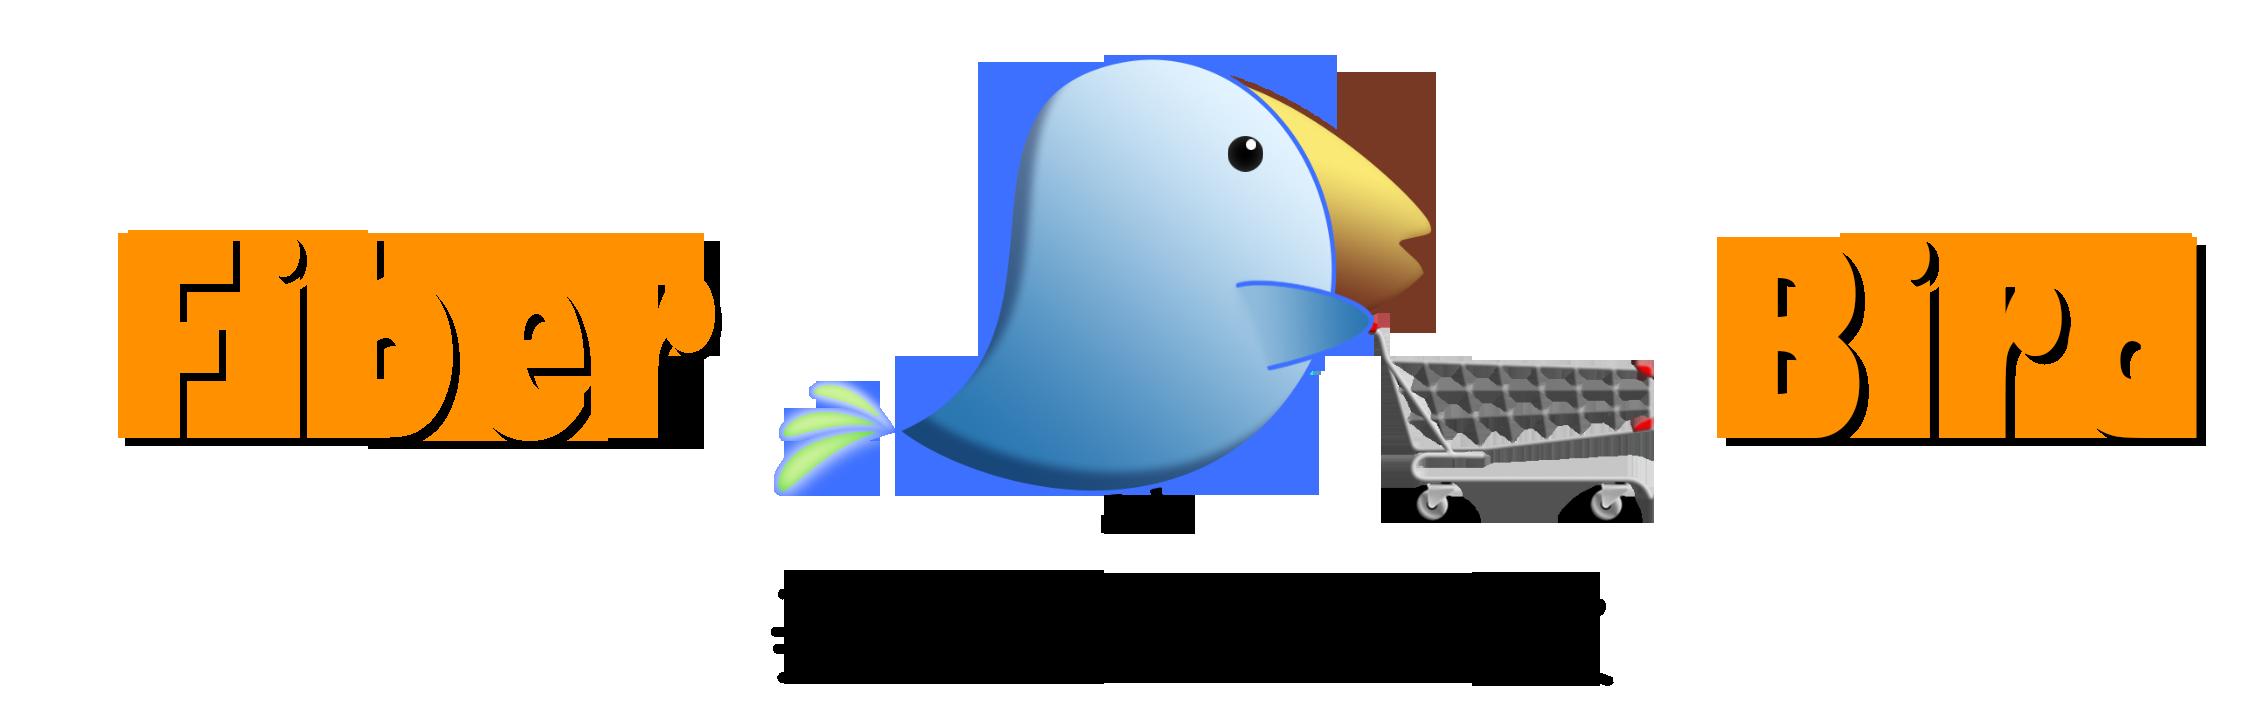 Fiber Bird 美加澳進口百貨